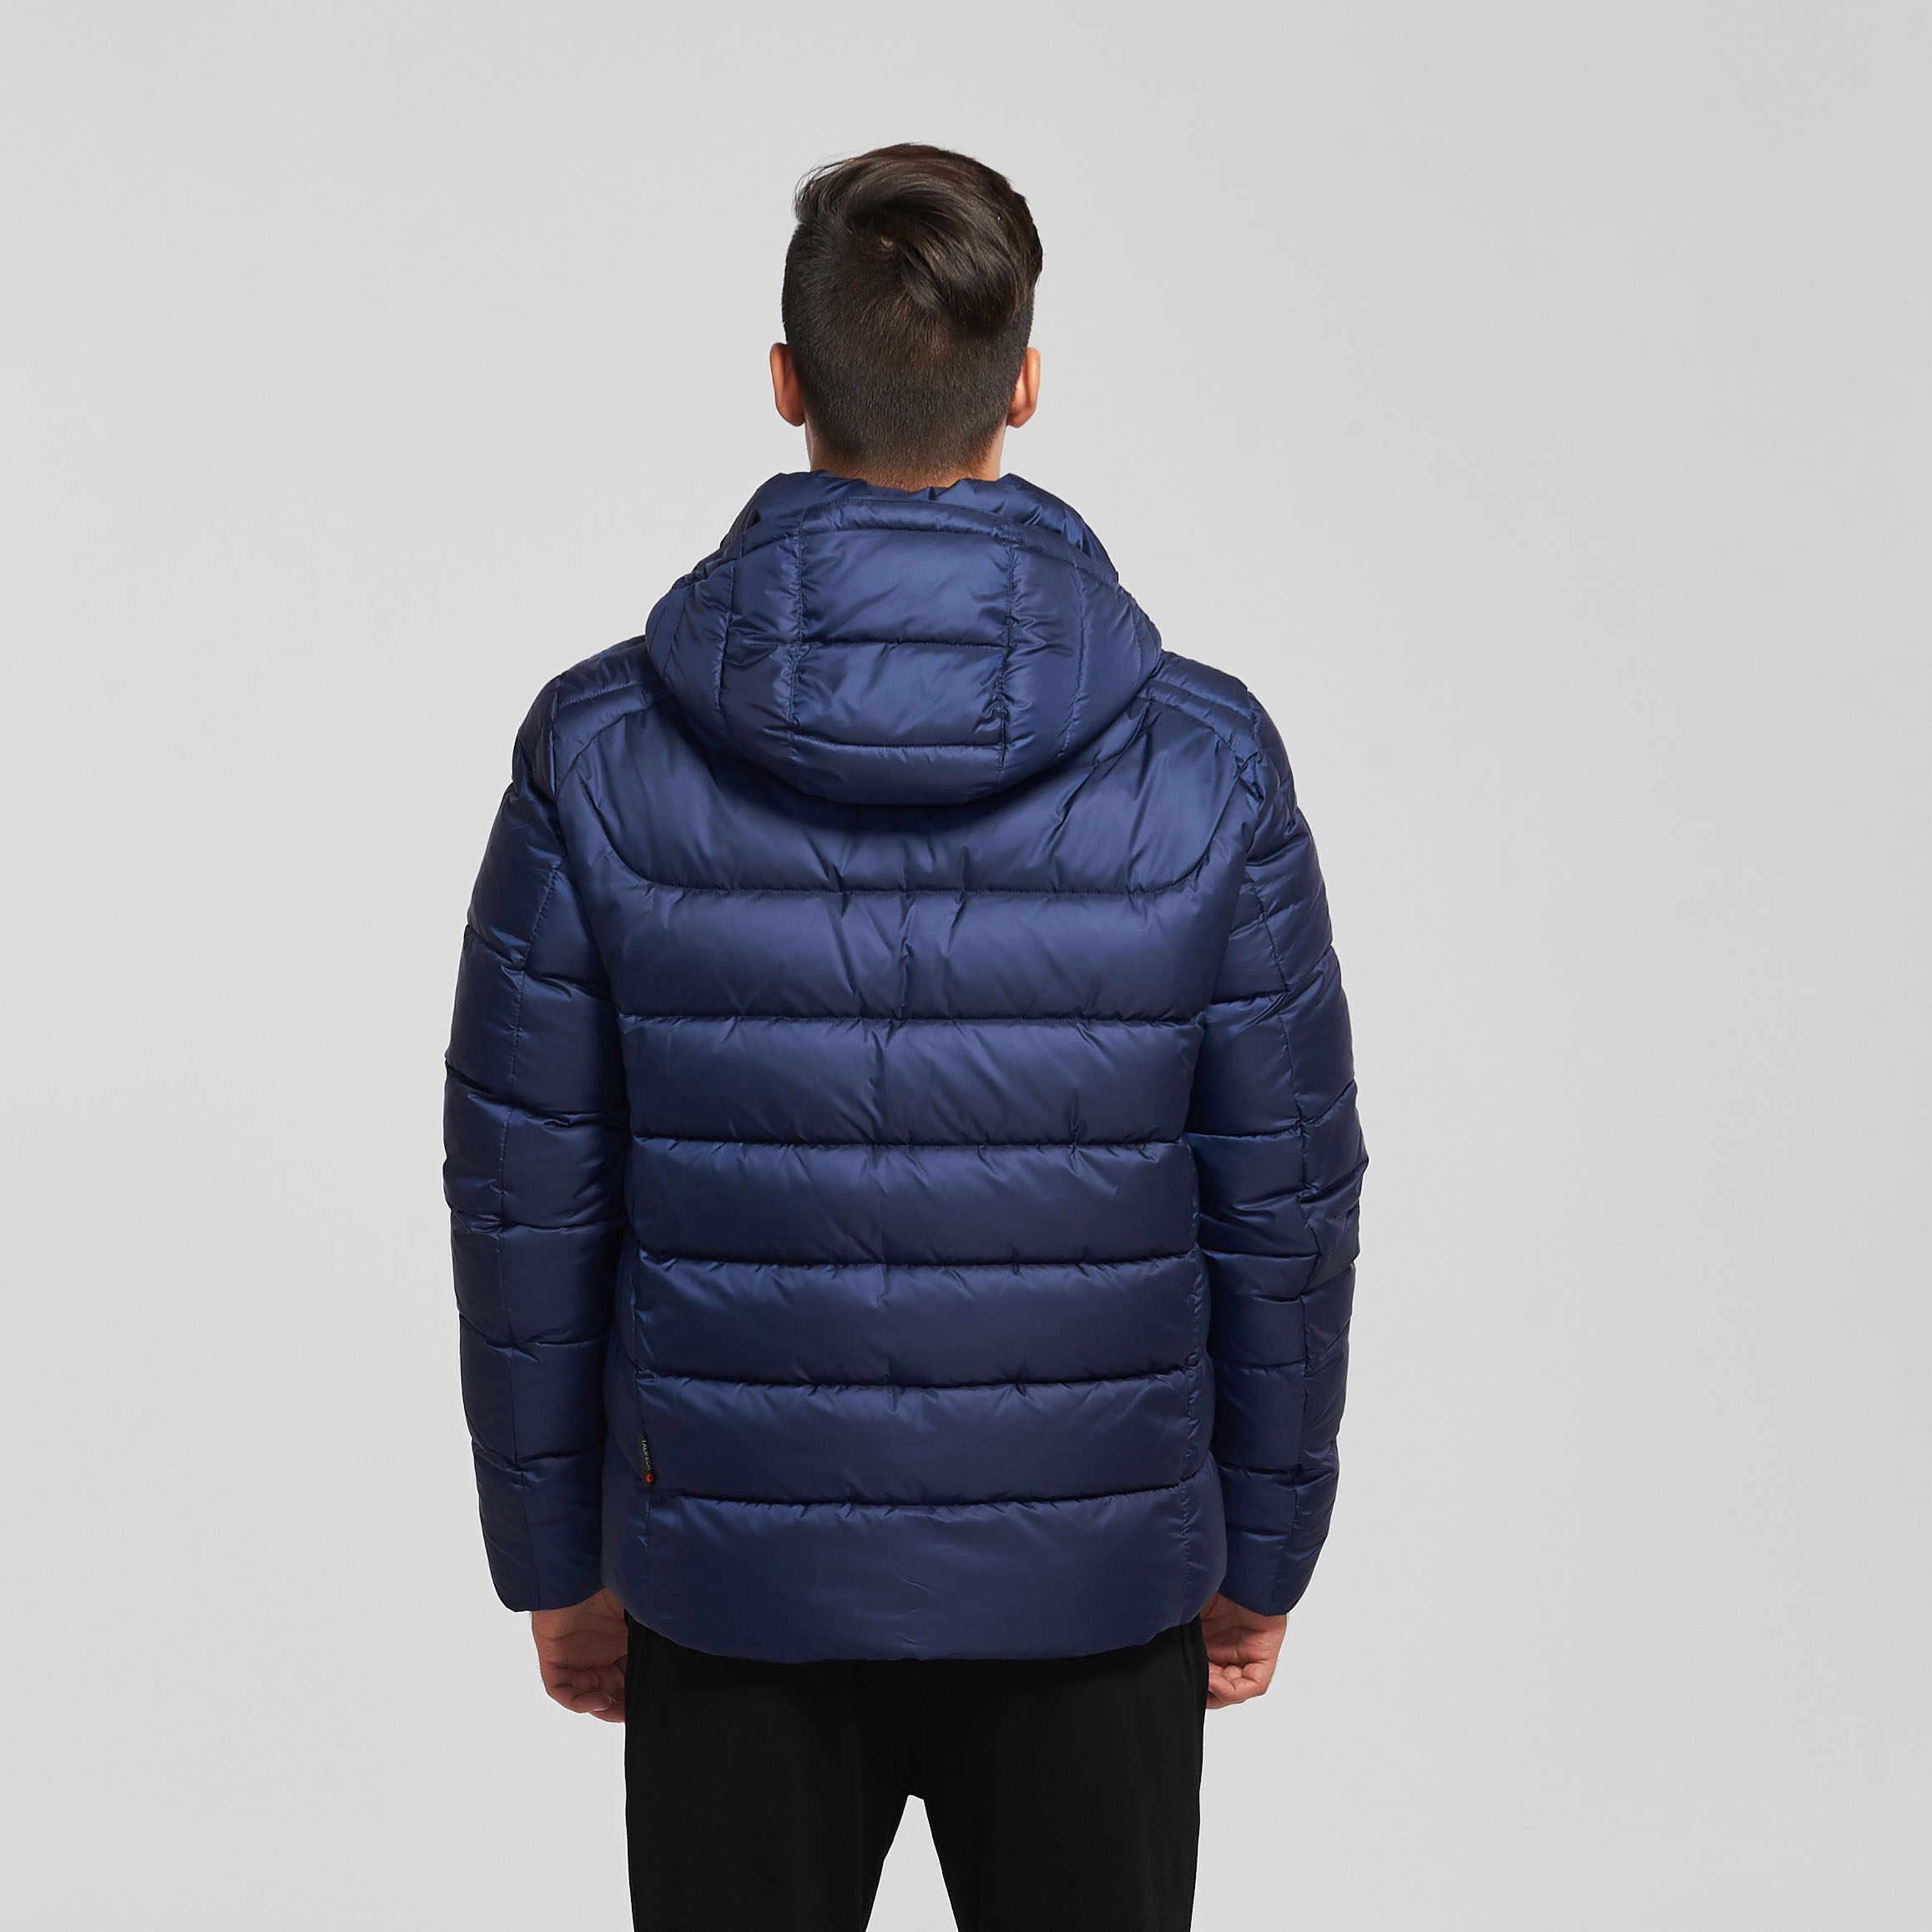 TALIFECK 2019 הגעה חדשה גברים חורף מעיל מזדמן חם מעילי Mens חורף כותנה מעיילי גודל M-3XL גברים אופנה פשוט מעיל